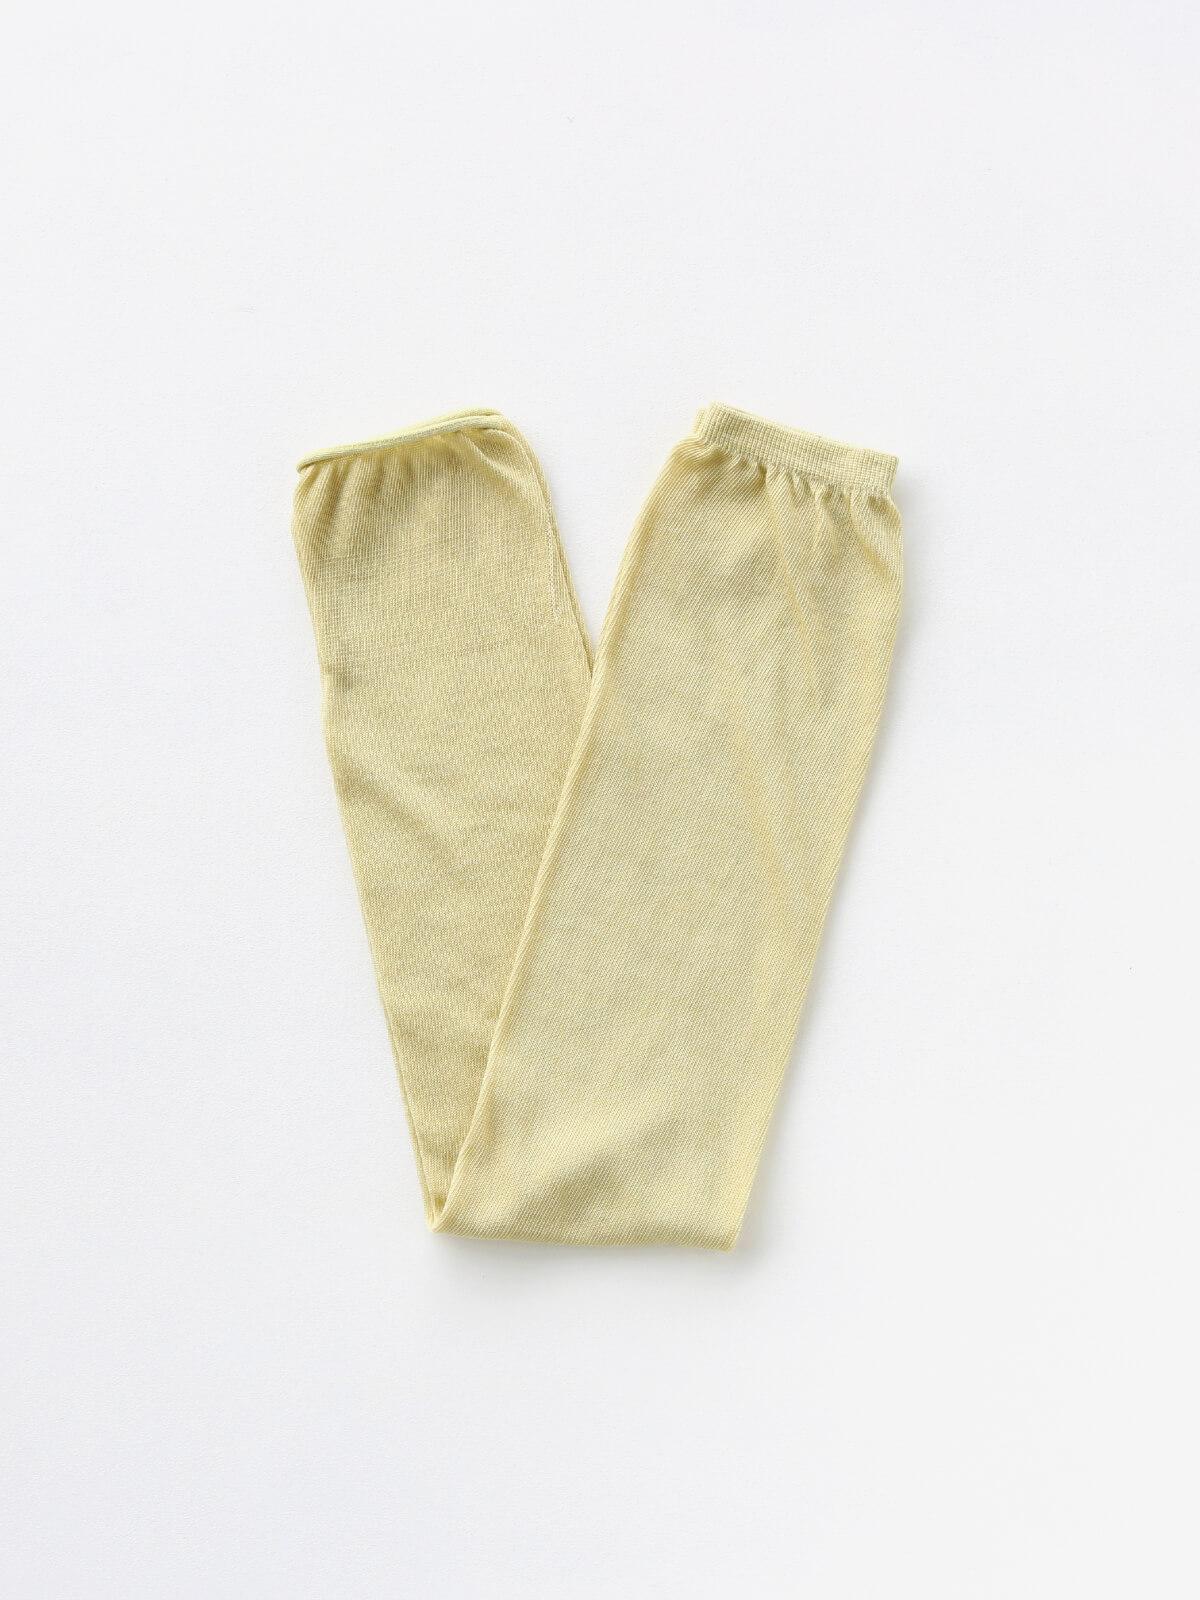 当たりつきギフト専用靴下のLUCKY SOCKS(ラッキーソックス)のSunscreen Plain Armcover(サンスクリーンプレーンアームカバー)のペールイエロー_2